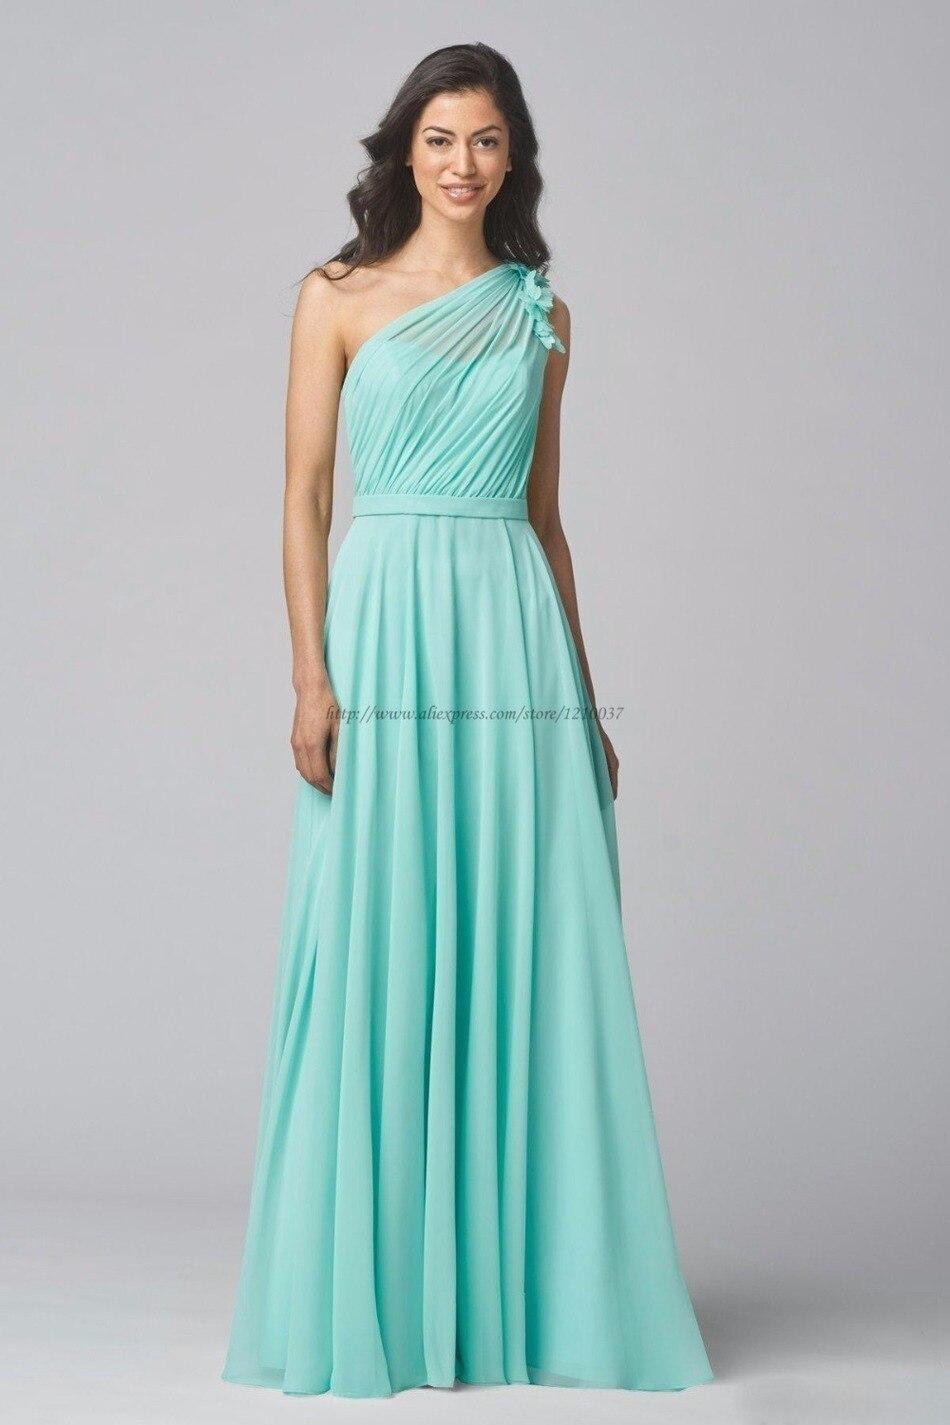 Ausgezeichnet Teal Kleid Für Die Hochzeit Fotos - Brautkleider Ideen ...